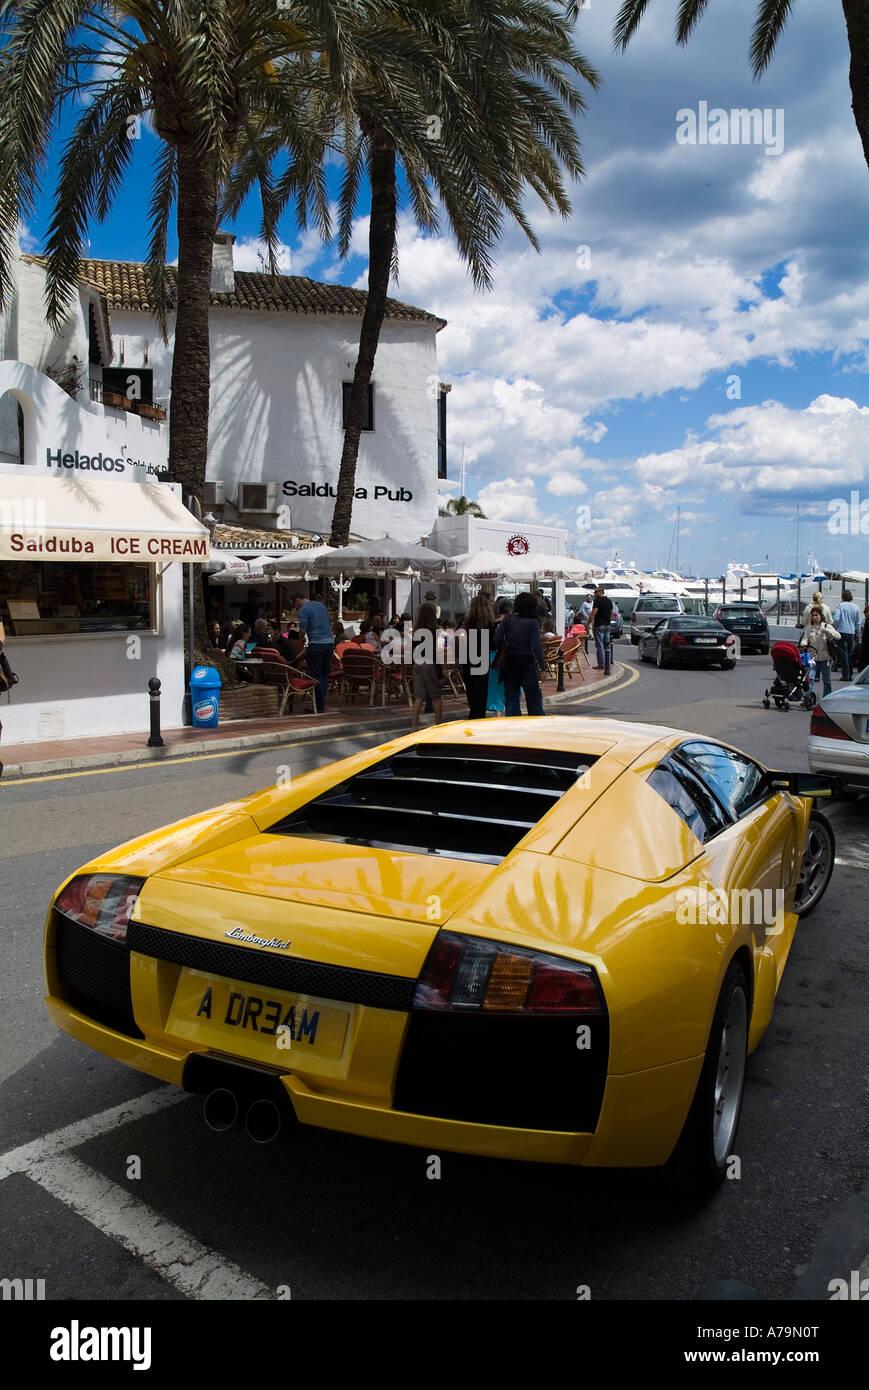 Dh Harbour Puerto Banus Espana Lamborghini Murcielago Amarillo Auto